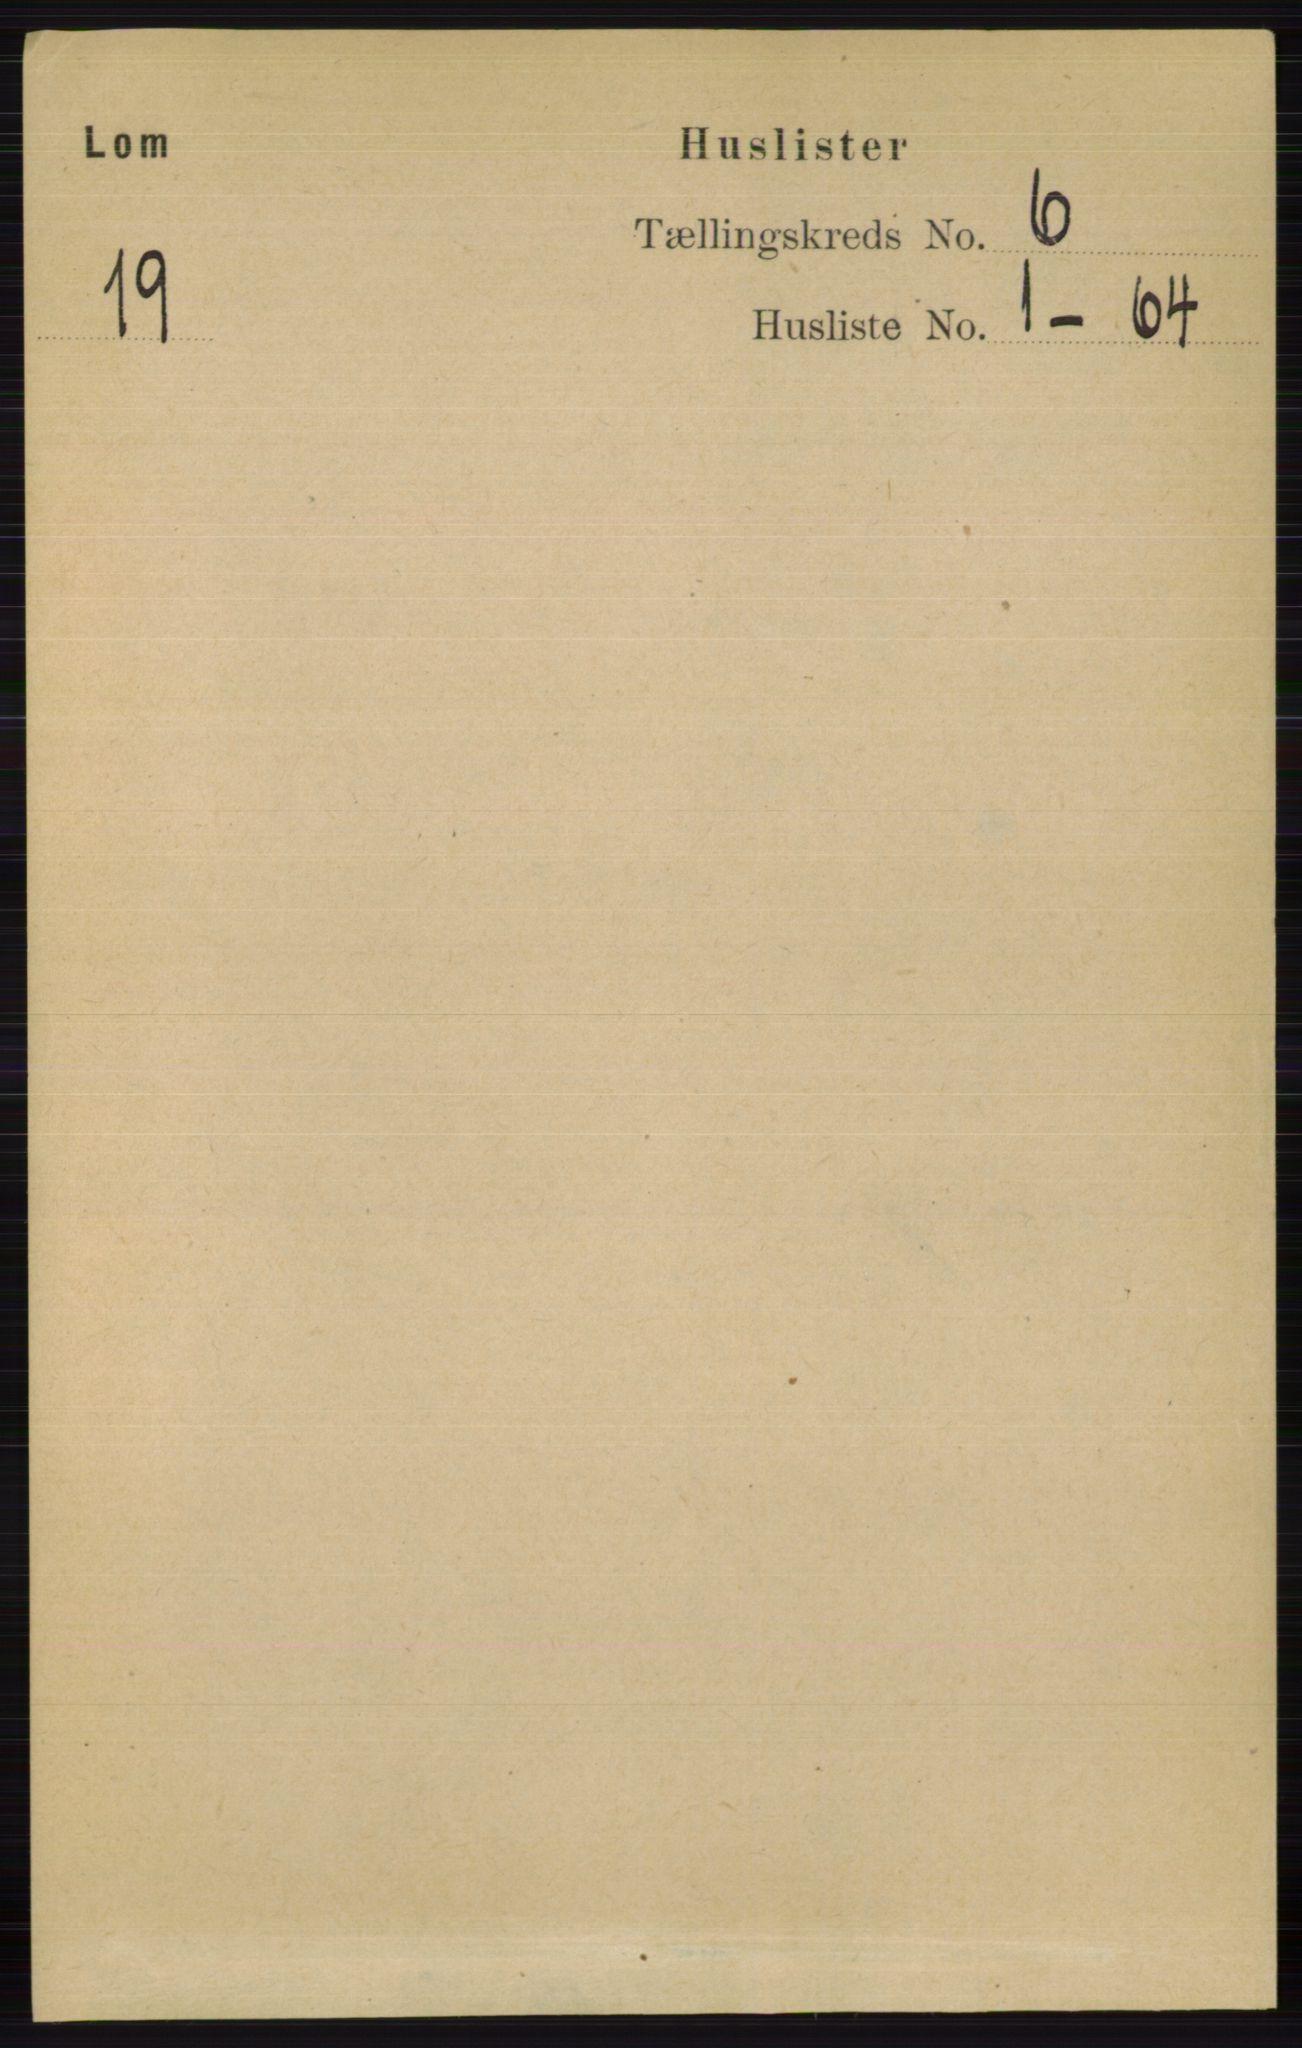 RA, Folketelling 1891 for 0514 Lom herred, 1891, s. 2303